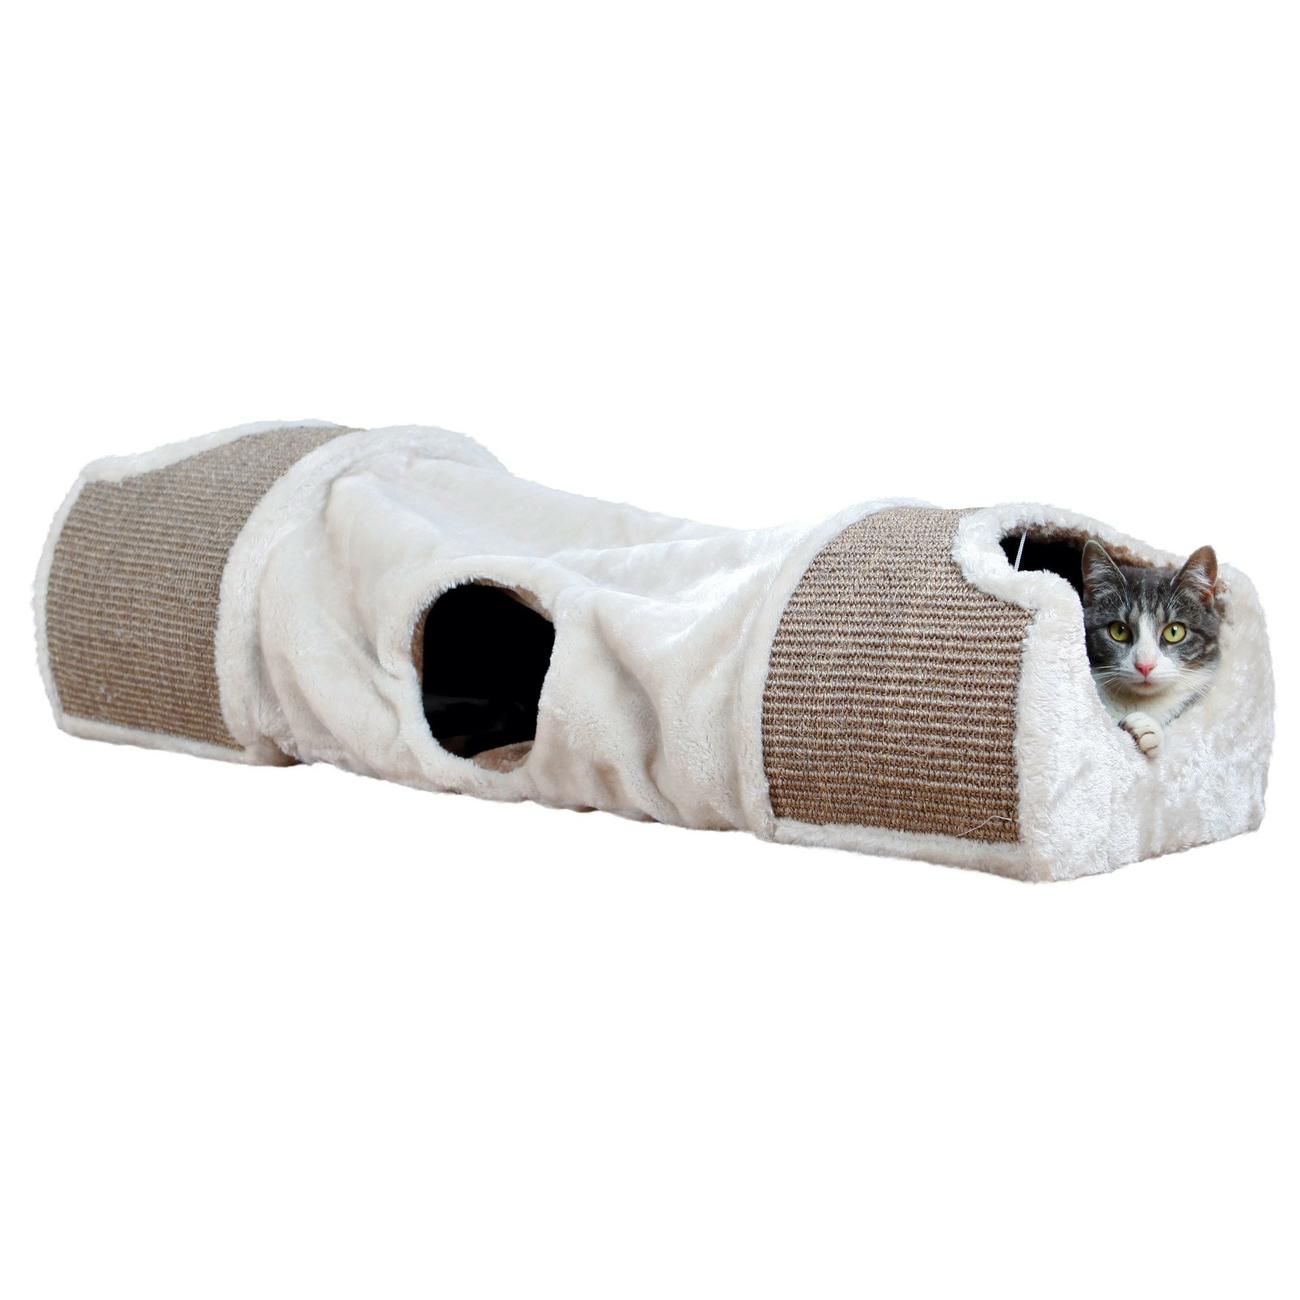 Plyšový tunel pro kočky béžový - 110x30x38cm